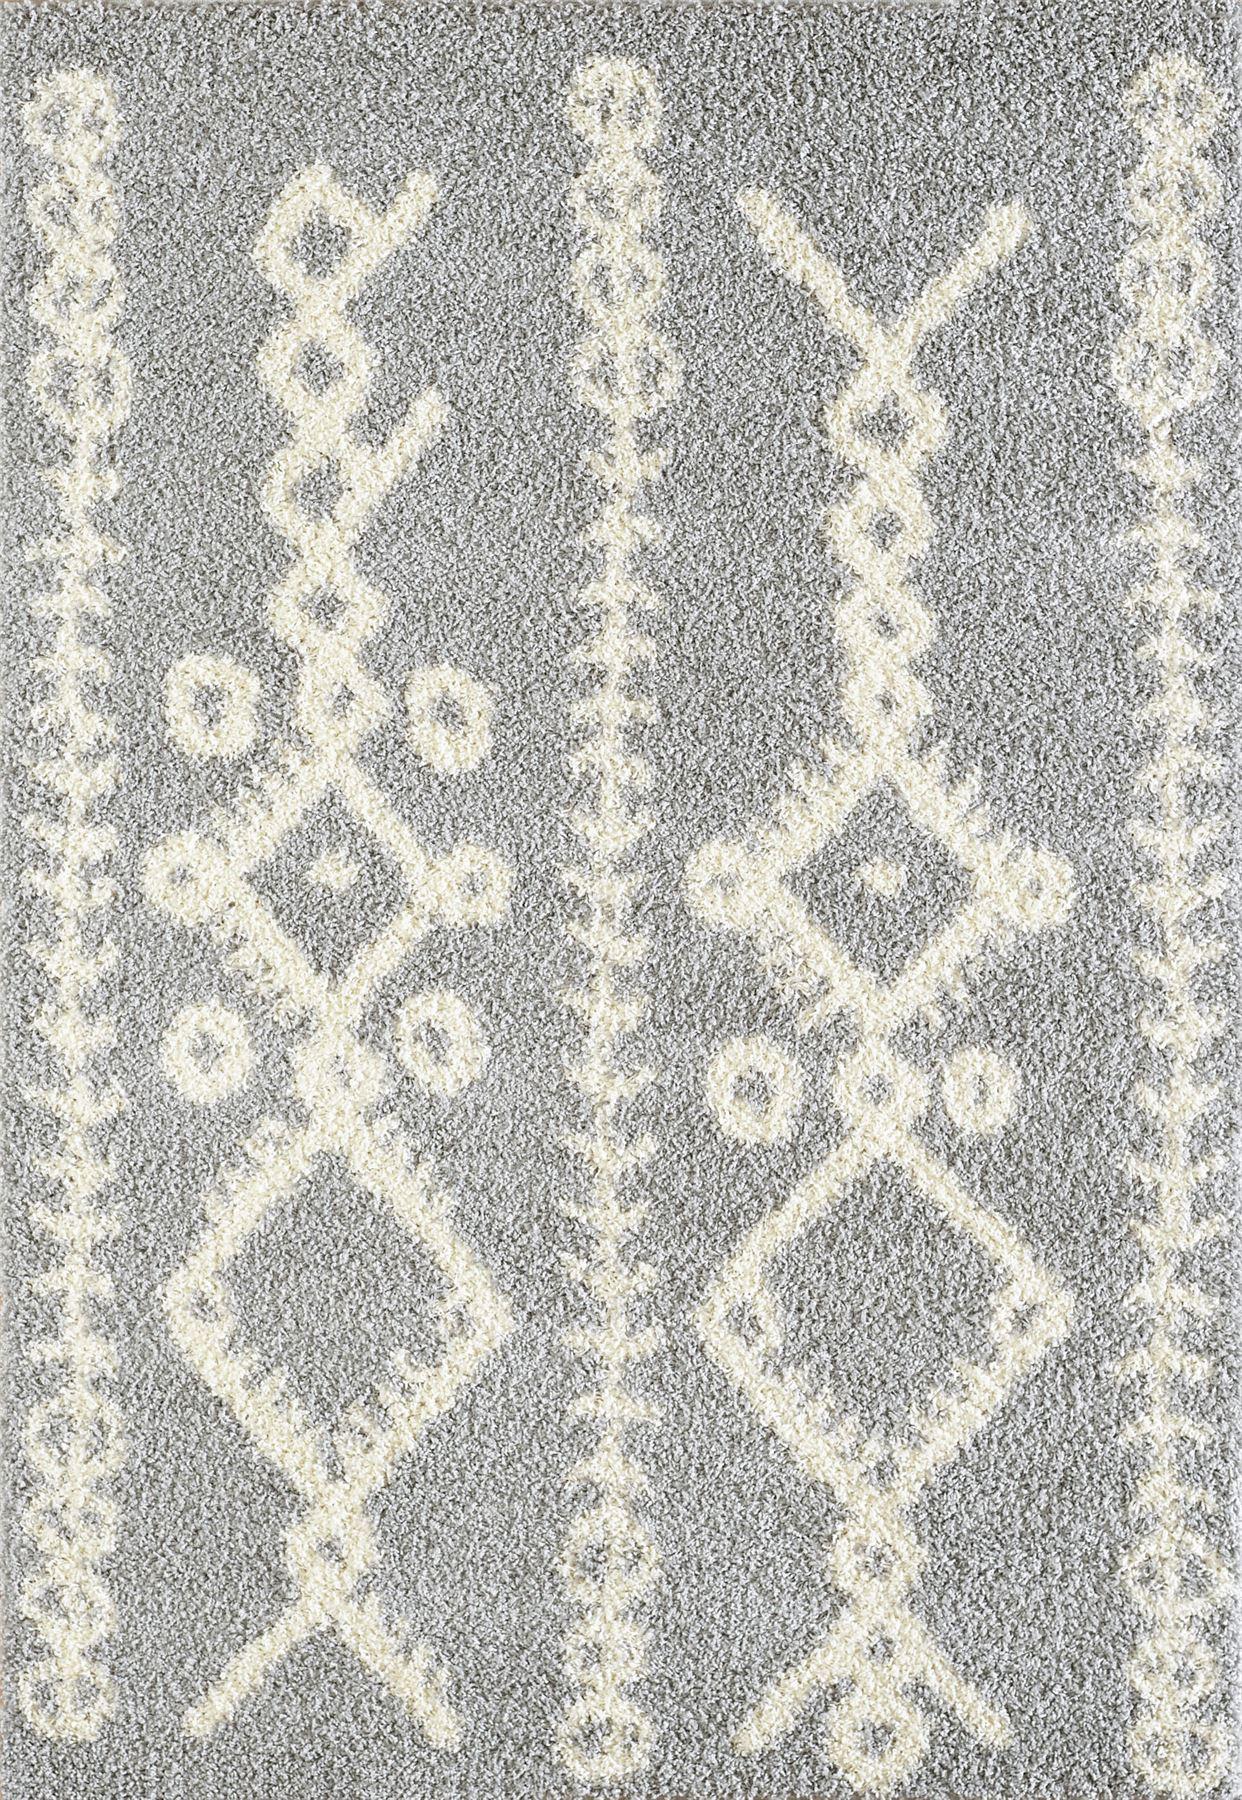 Tappeto-A2Z-Nero-Grigio-Avorio-tradizionale-marocchina-Shaggy-Berber-Boho-Tribal-3cm-Pile miniatura 20